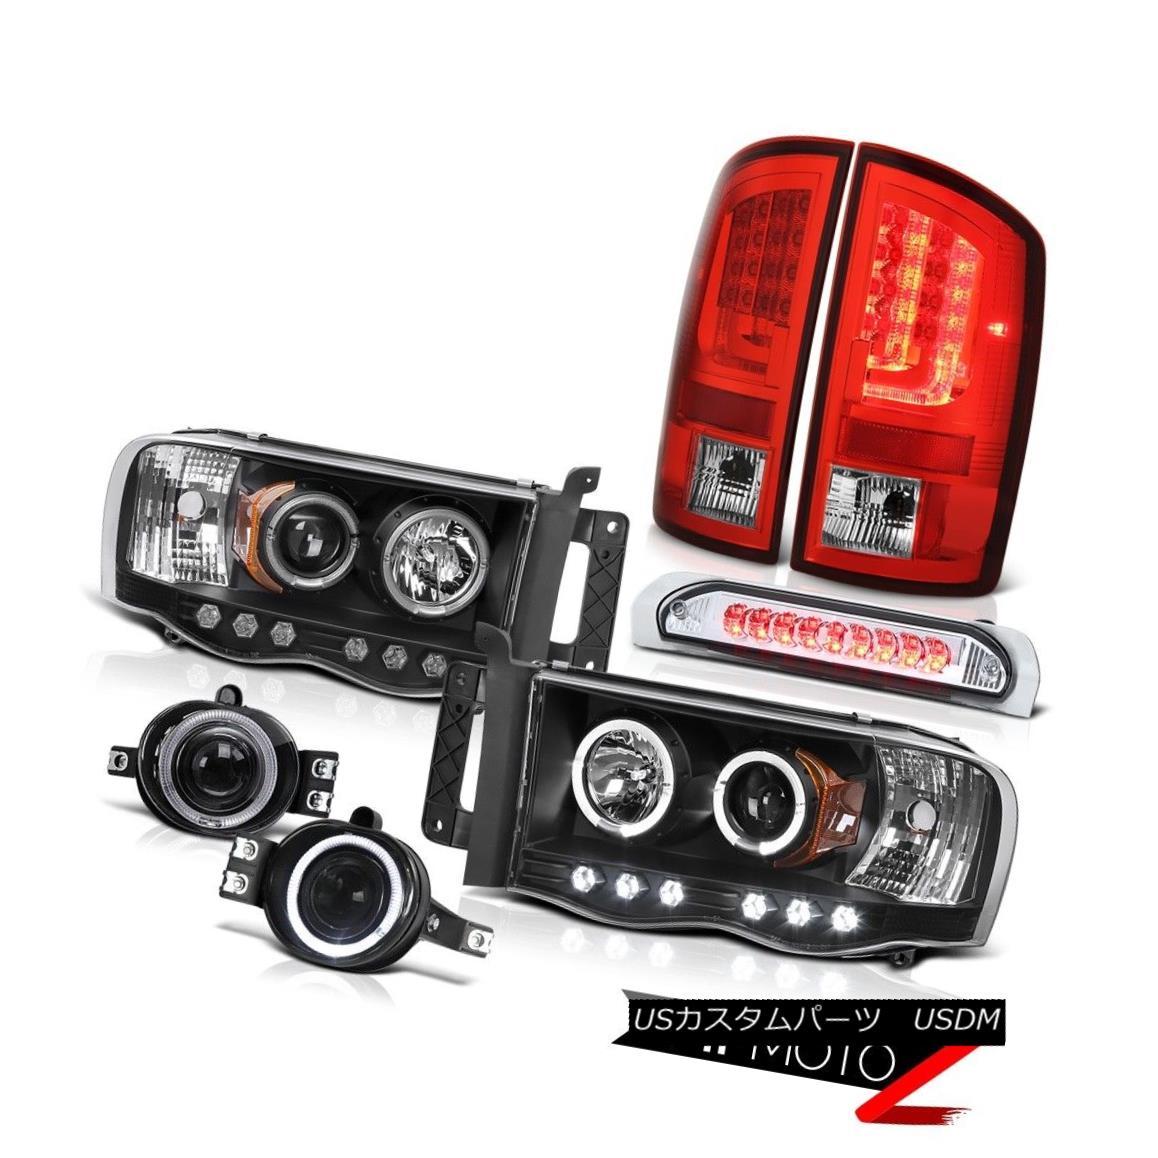 テールライト 2003-2005 Dodge Ram 3500 ST Red Taillights Headlights Foglights 3RD Brake Lamp 2003-2005 Dodge Ram 3500 STレッドティアライトヘッドライトフォグライト3RDブレーキランプ